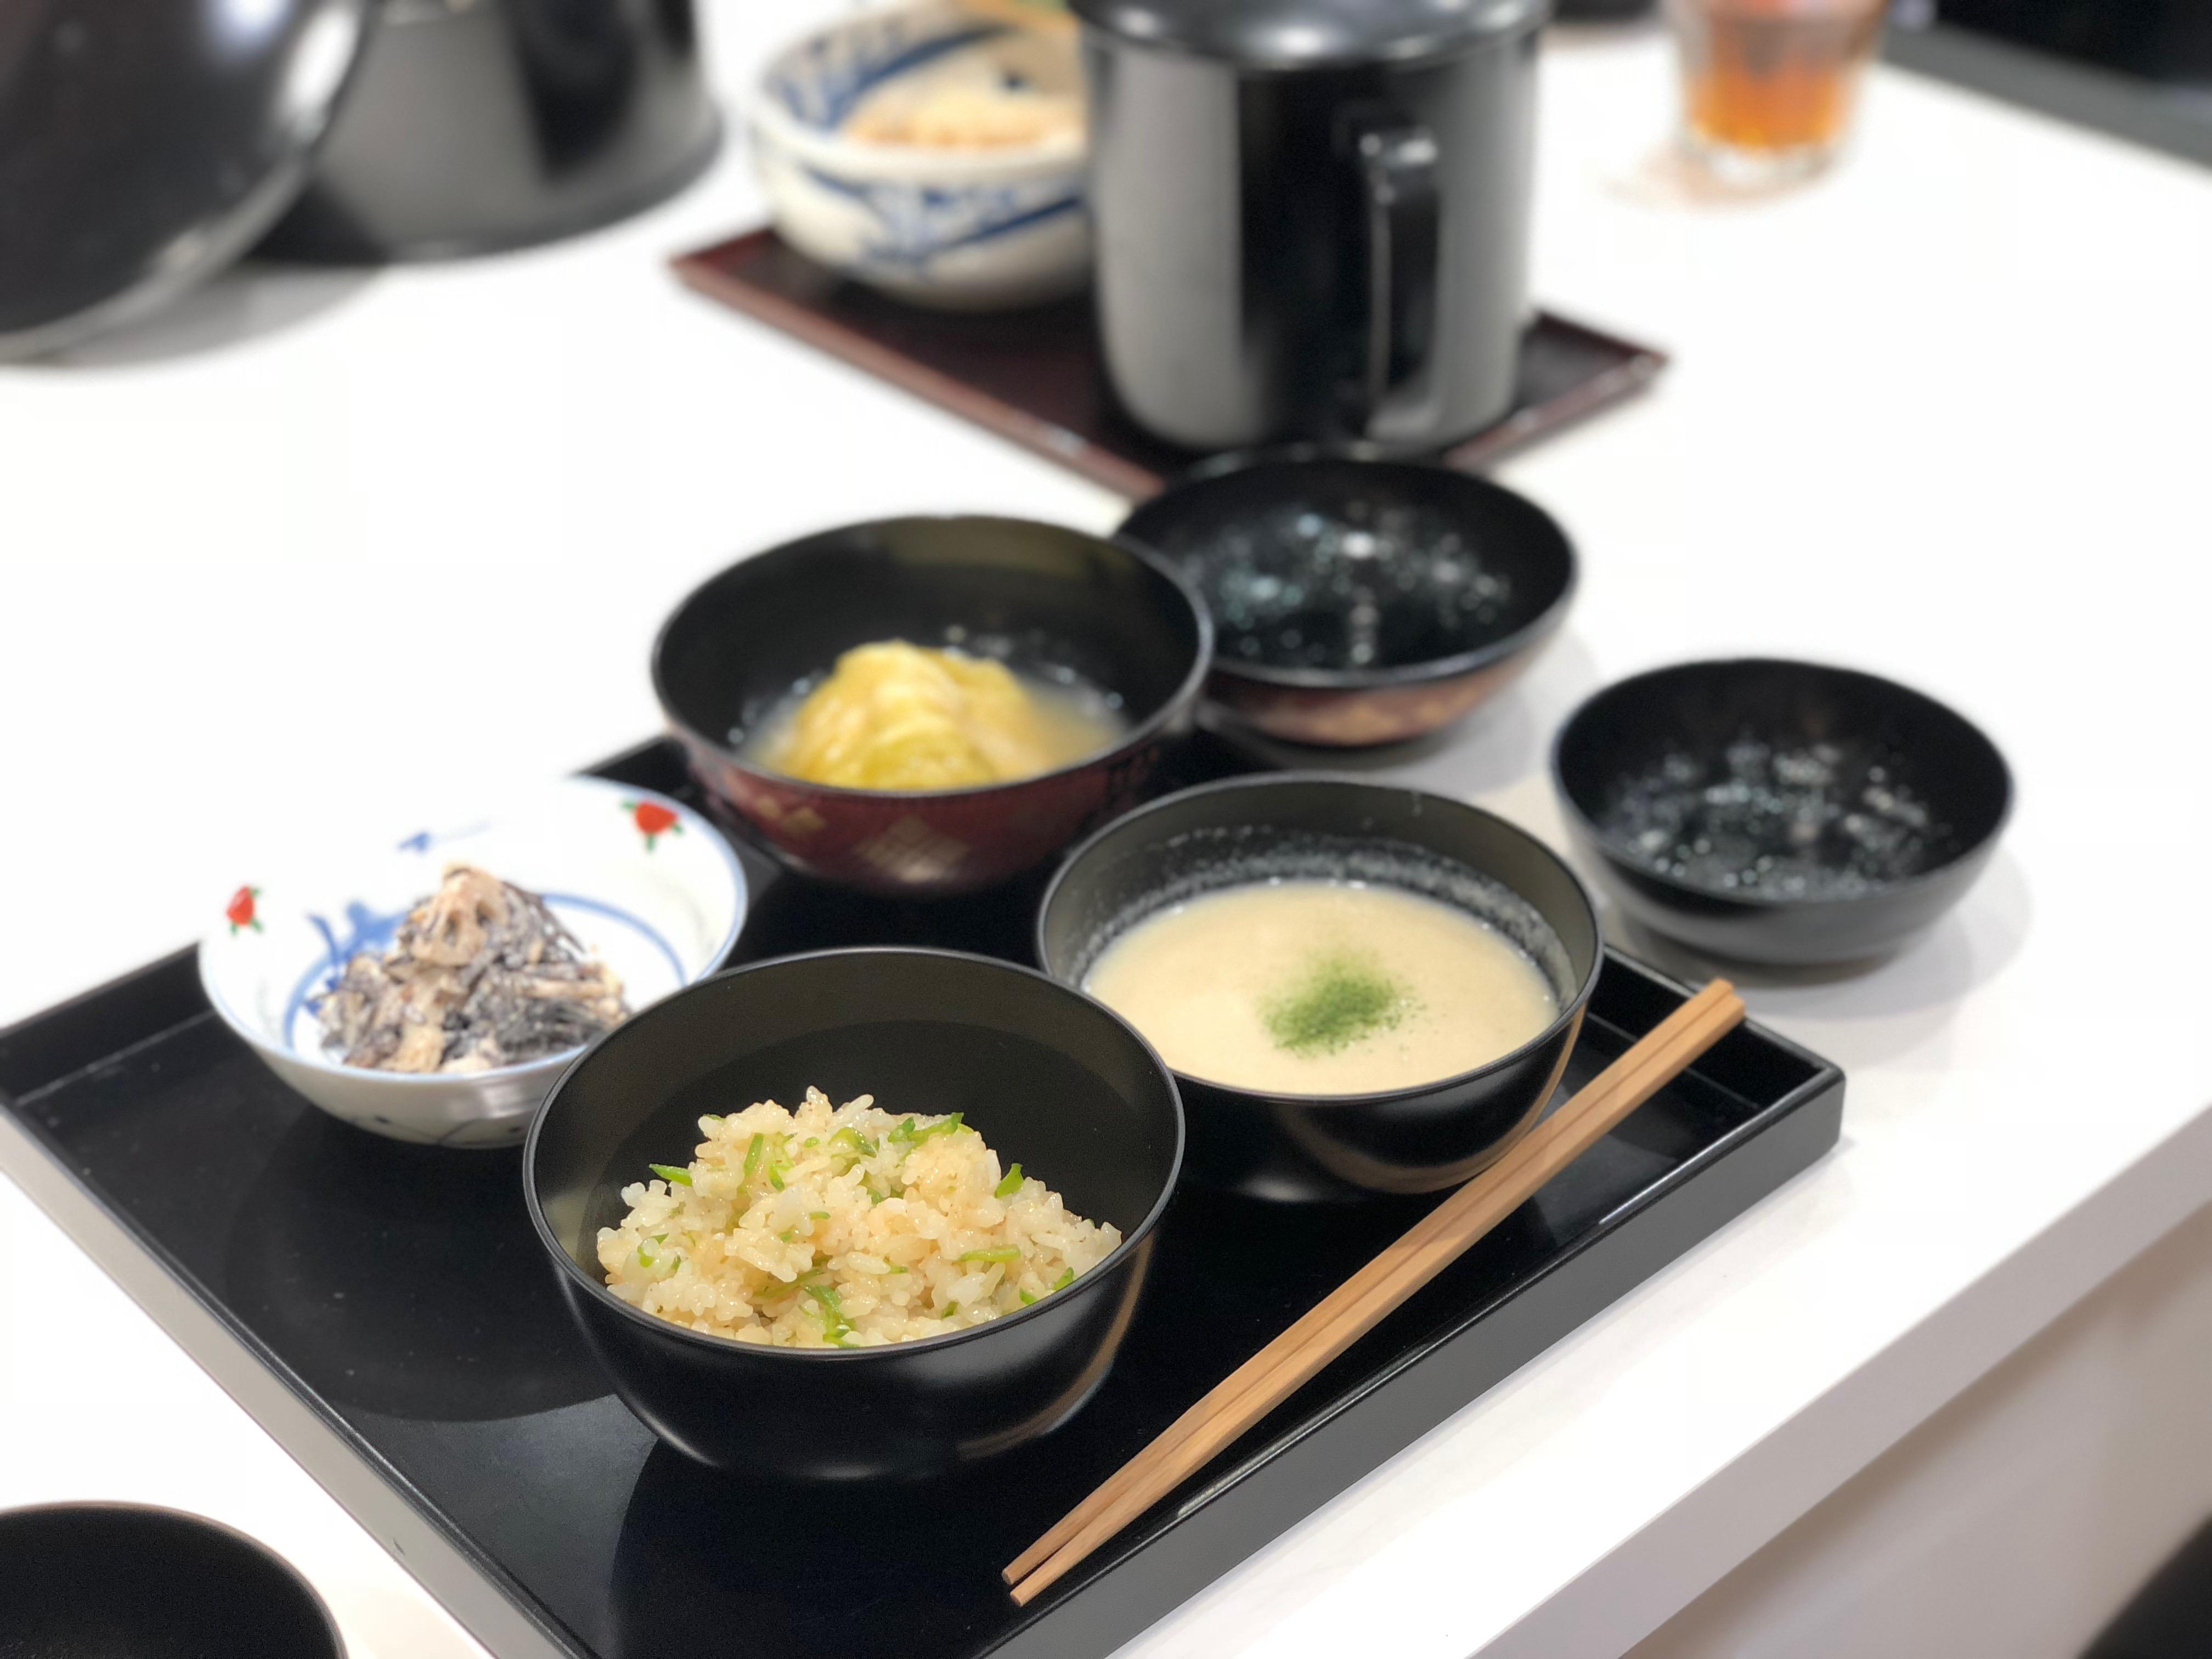 年間講座-2019年度-麻生怜菜のあそれい精進料理教室「茶懐石精進料理」